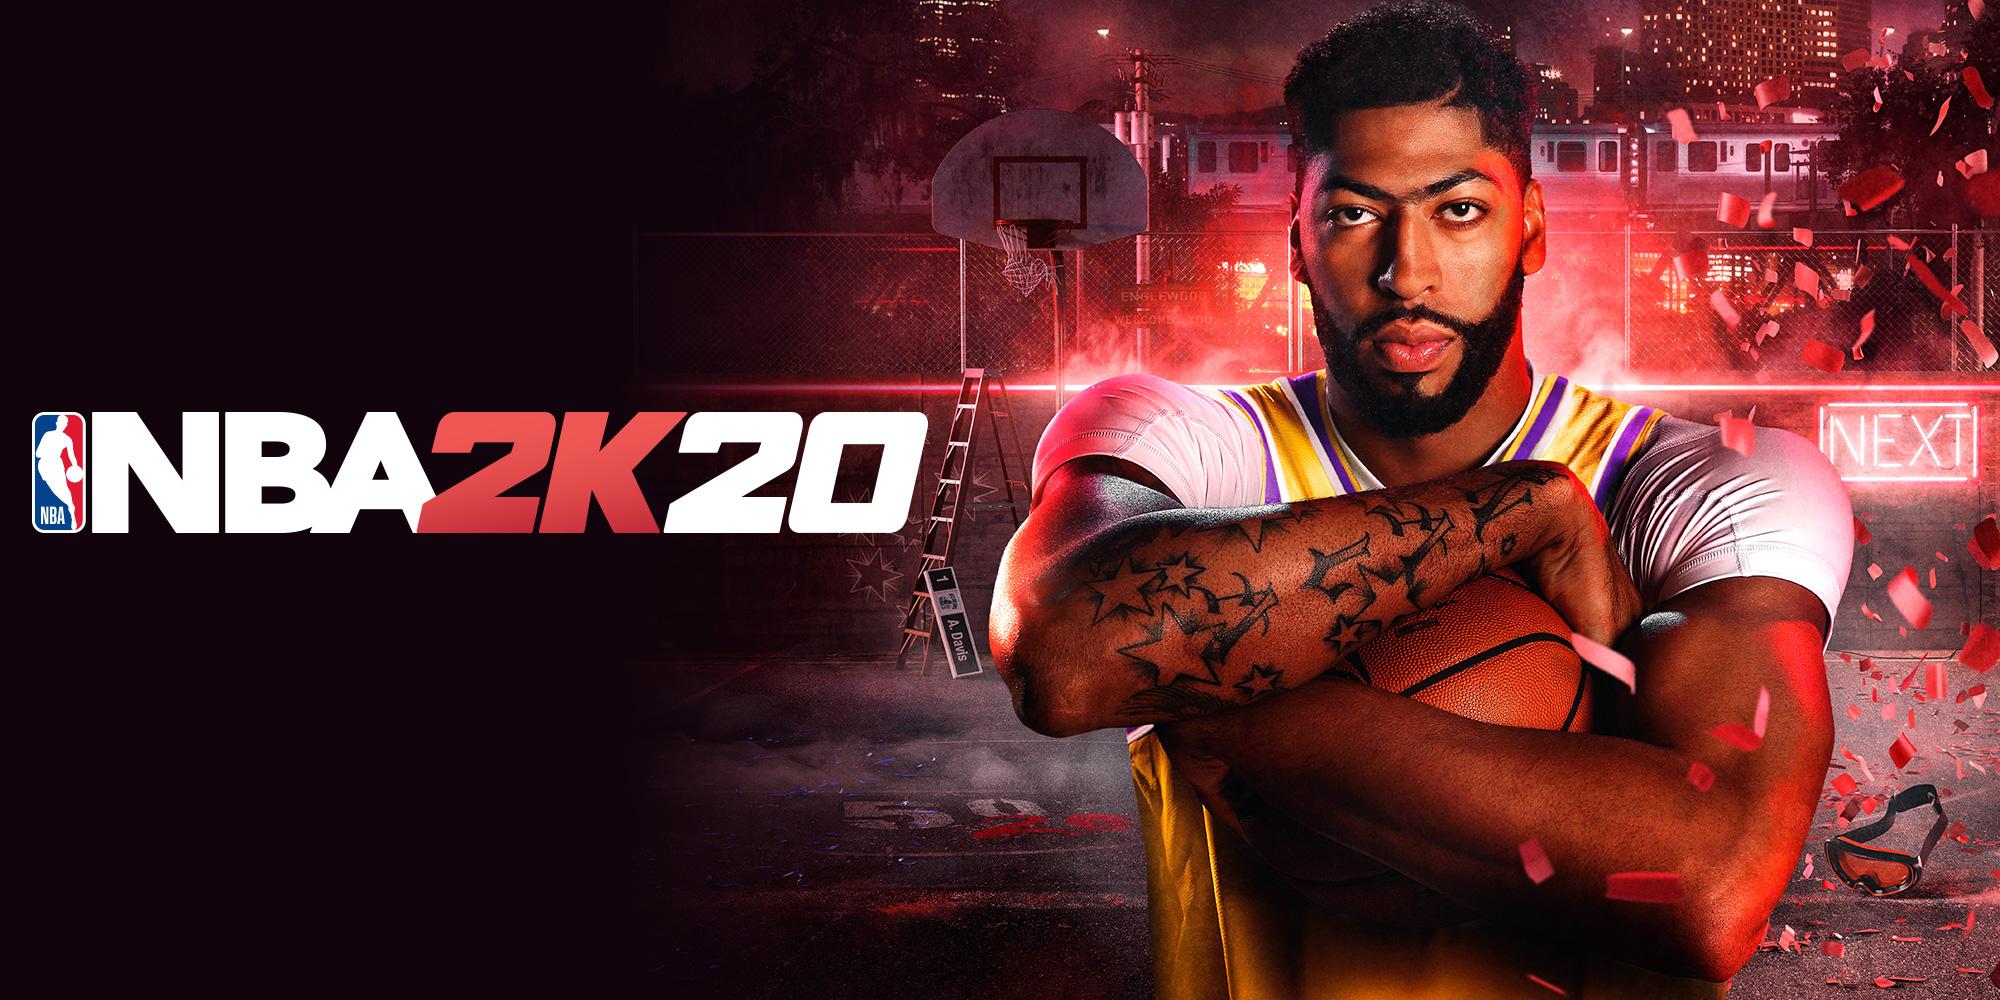 Vedere i giocatori dell'NBA sfidarsi all'Xbox è lo spettacolo più divertente del weekend